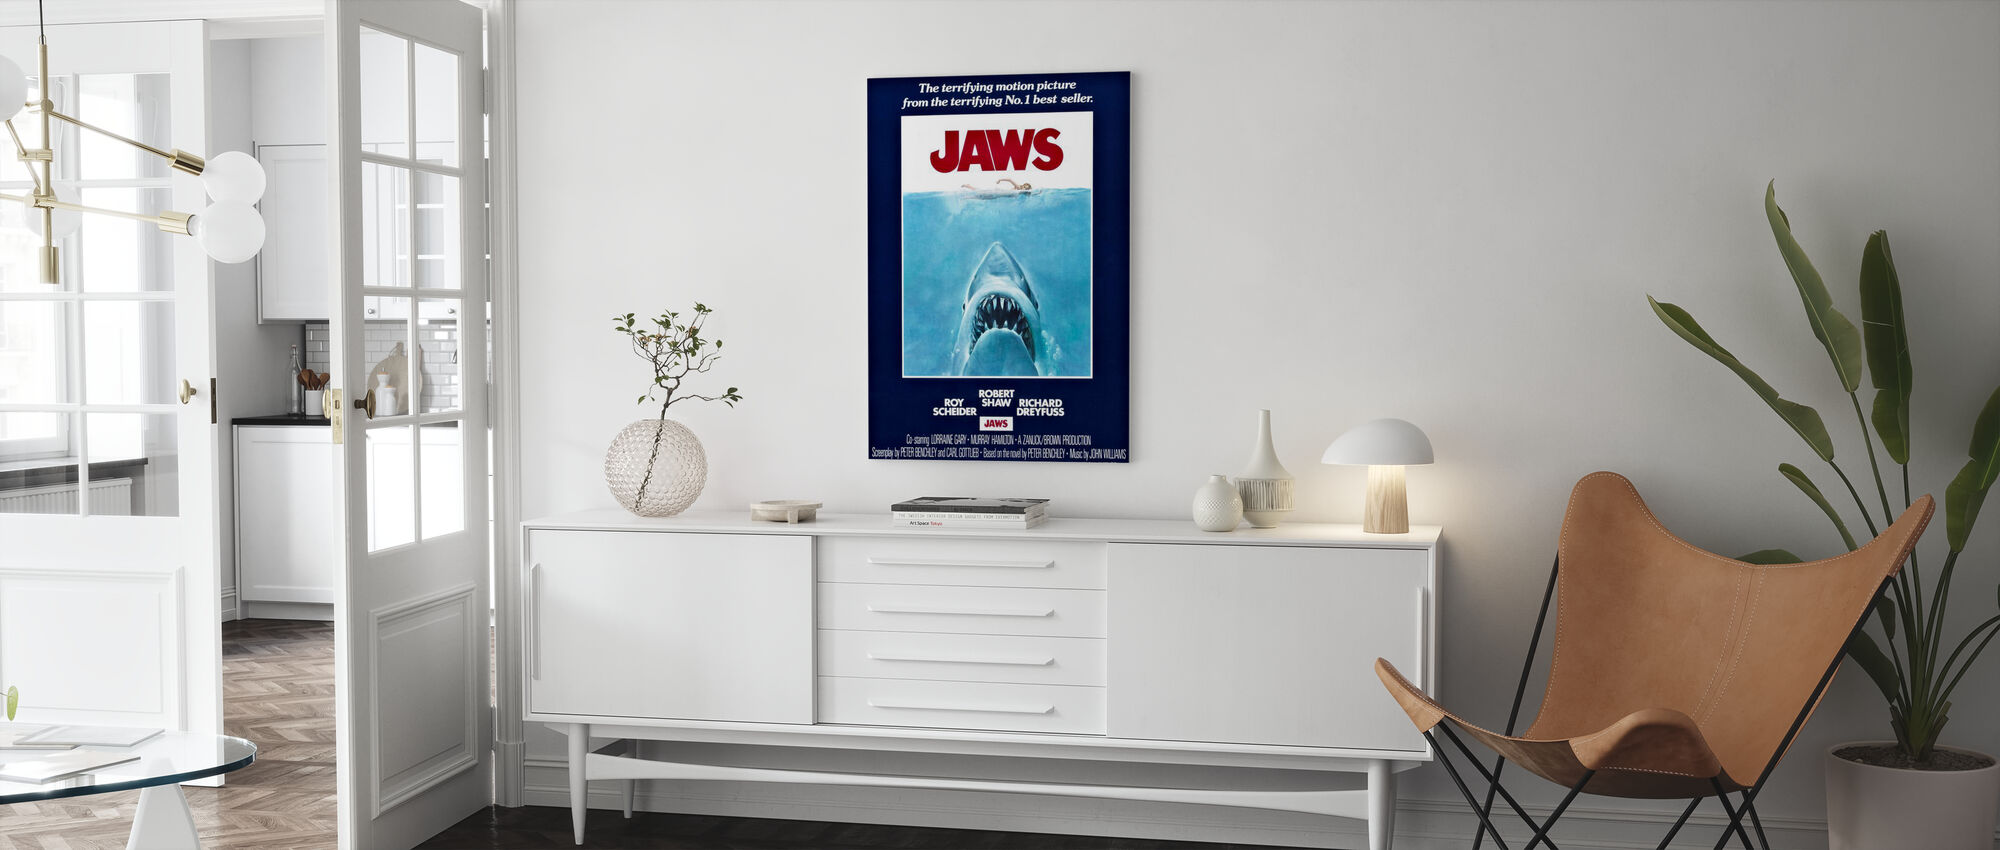 Film affisch käkar - Canvastavla - Vardagsrum